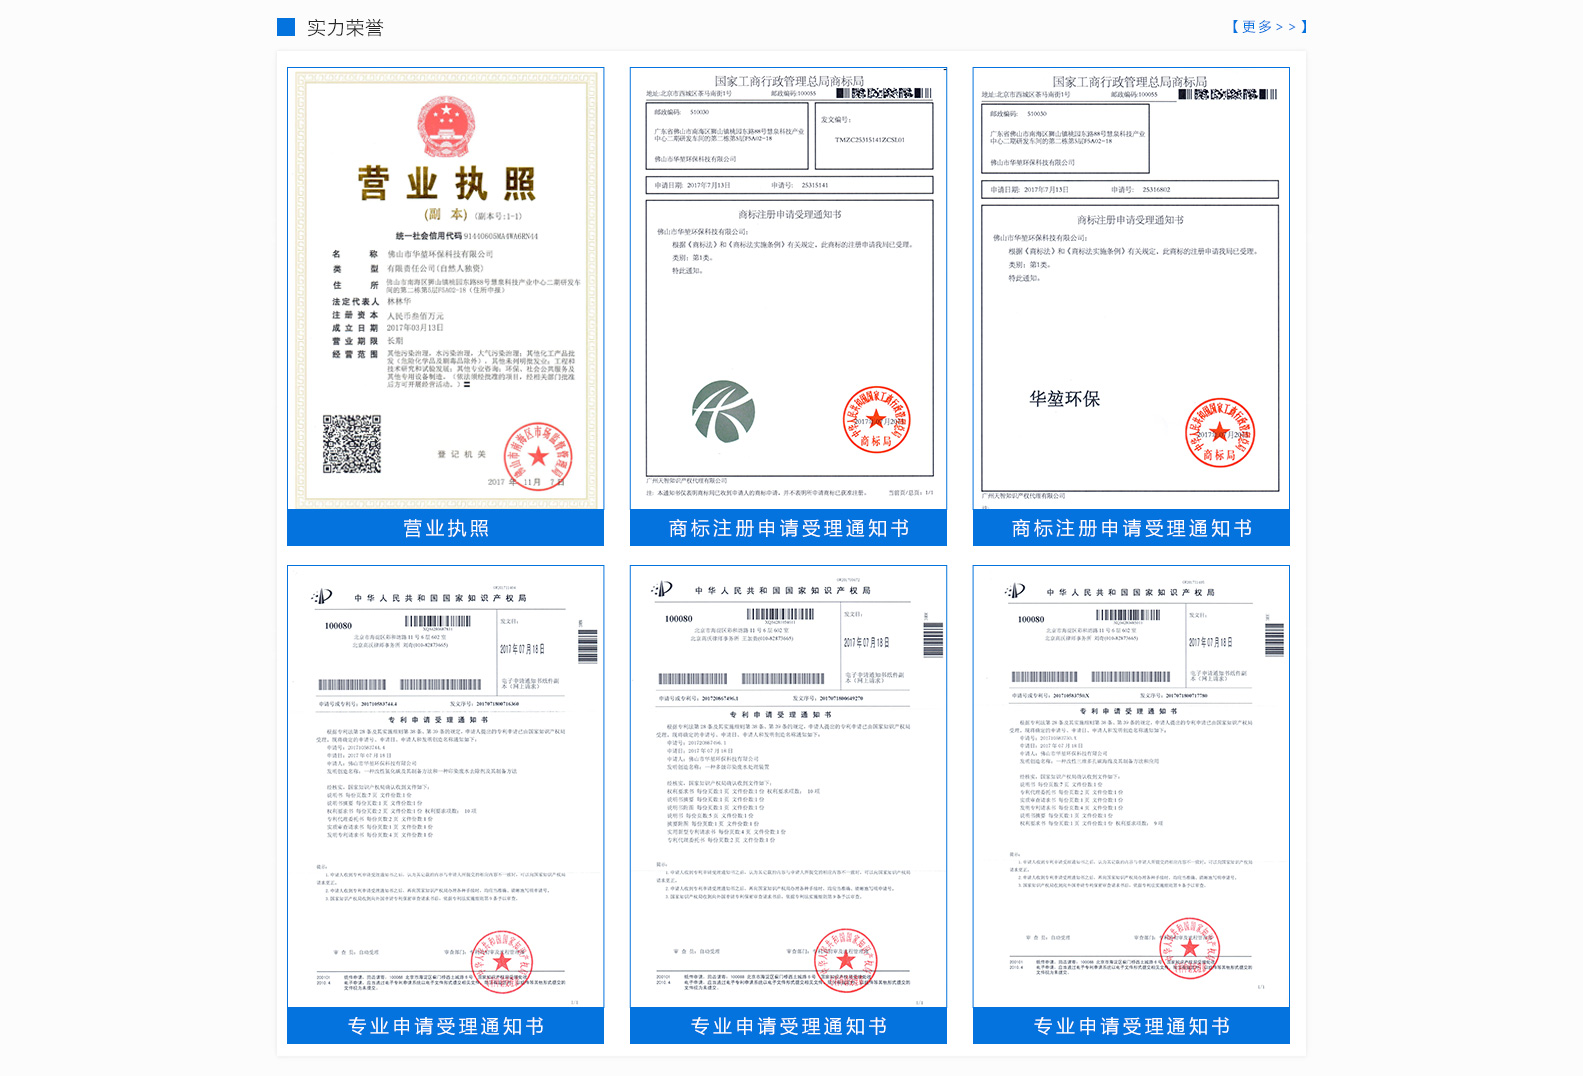 公司决心树立中国环保产业的世界品牌   公司荣誉证书